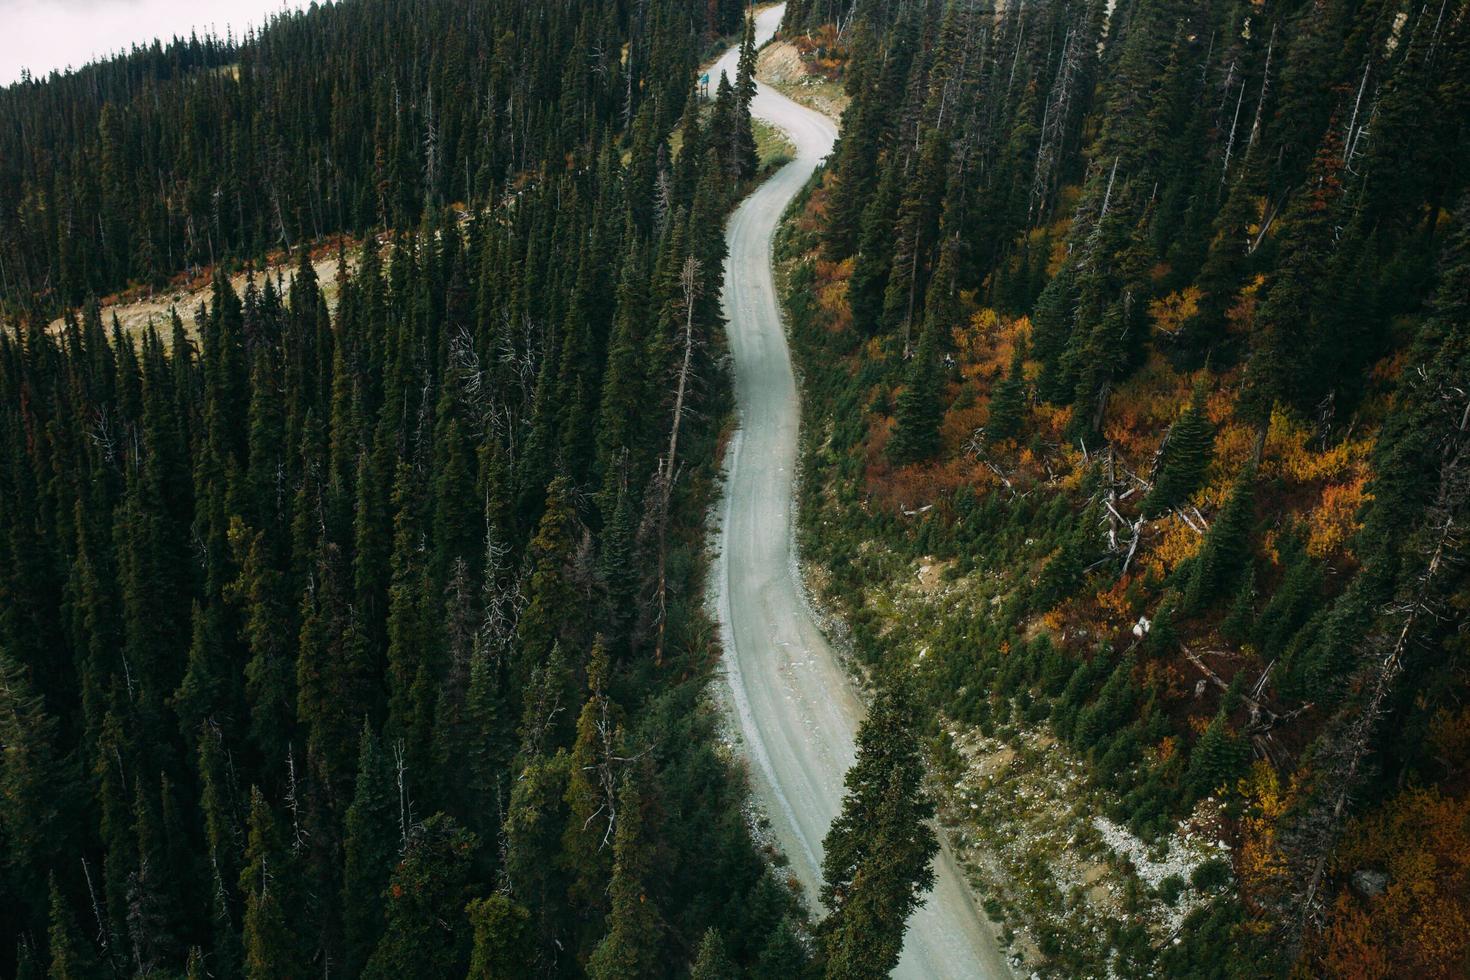 Vista aérea de la carretera vacía a través del bosque durante el día. foto